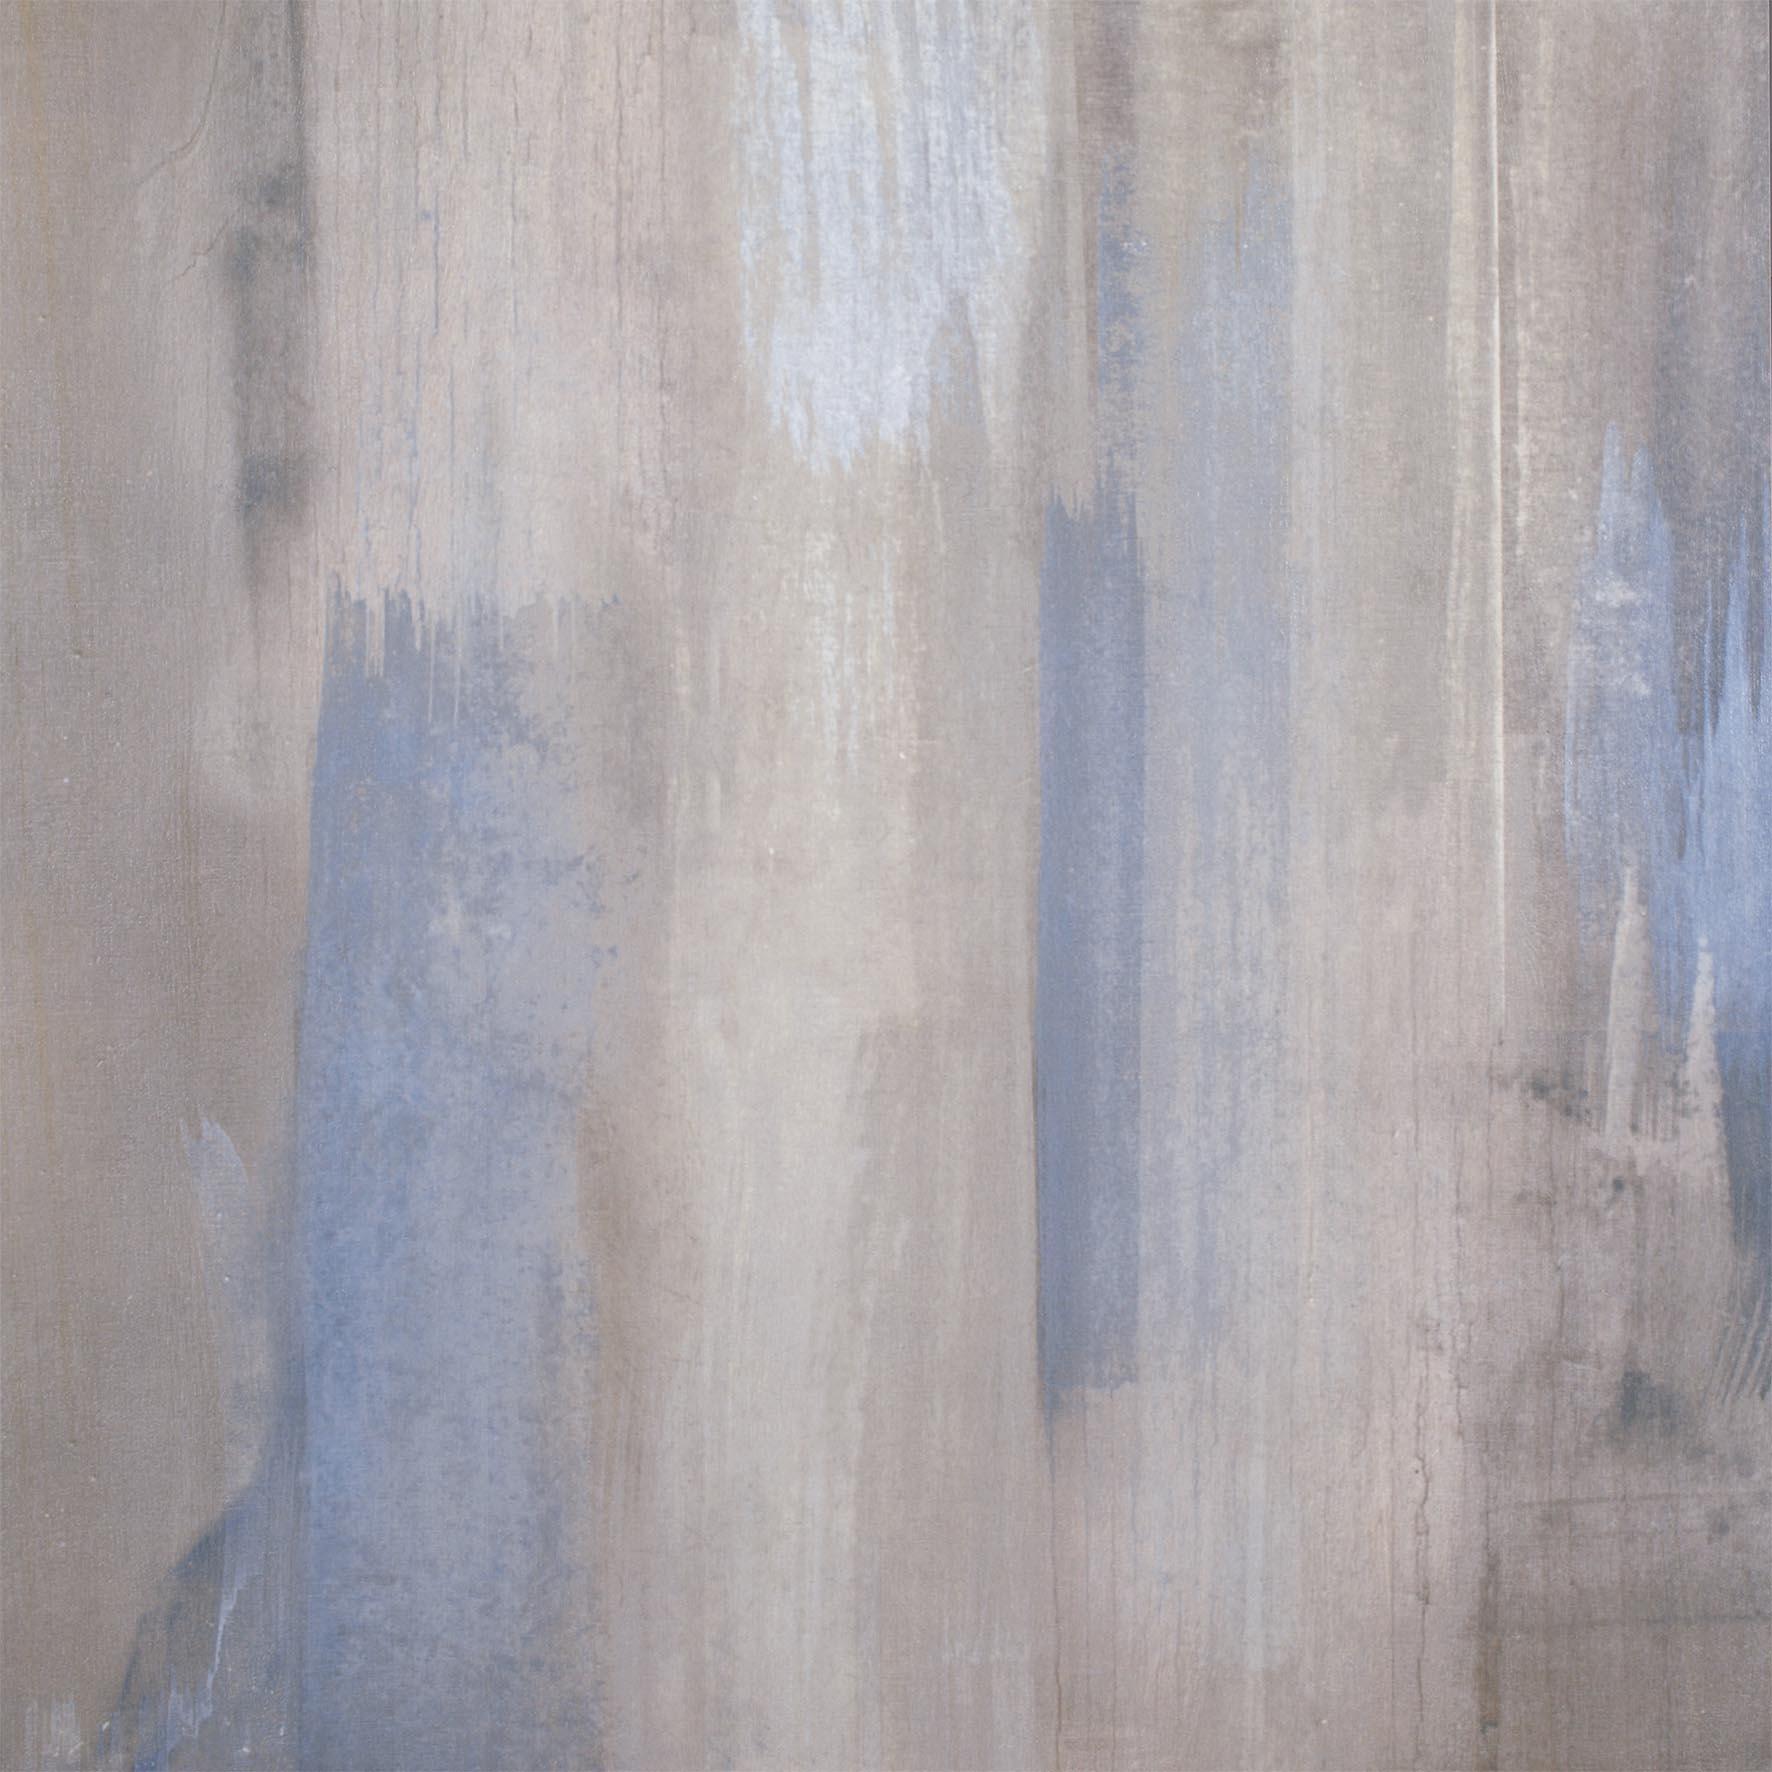 Nurb. blu 3.jpg